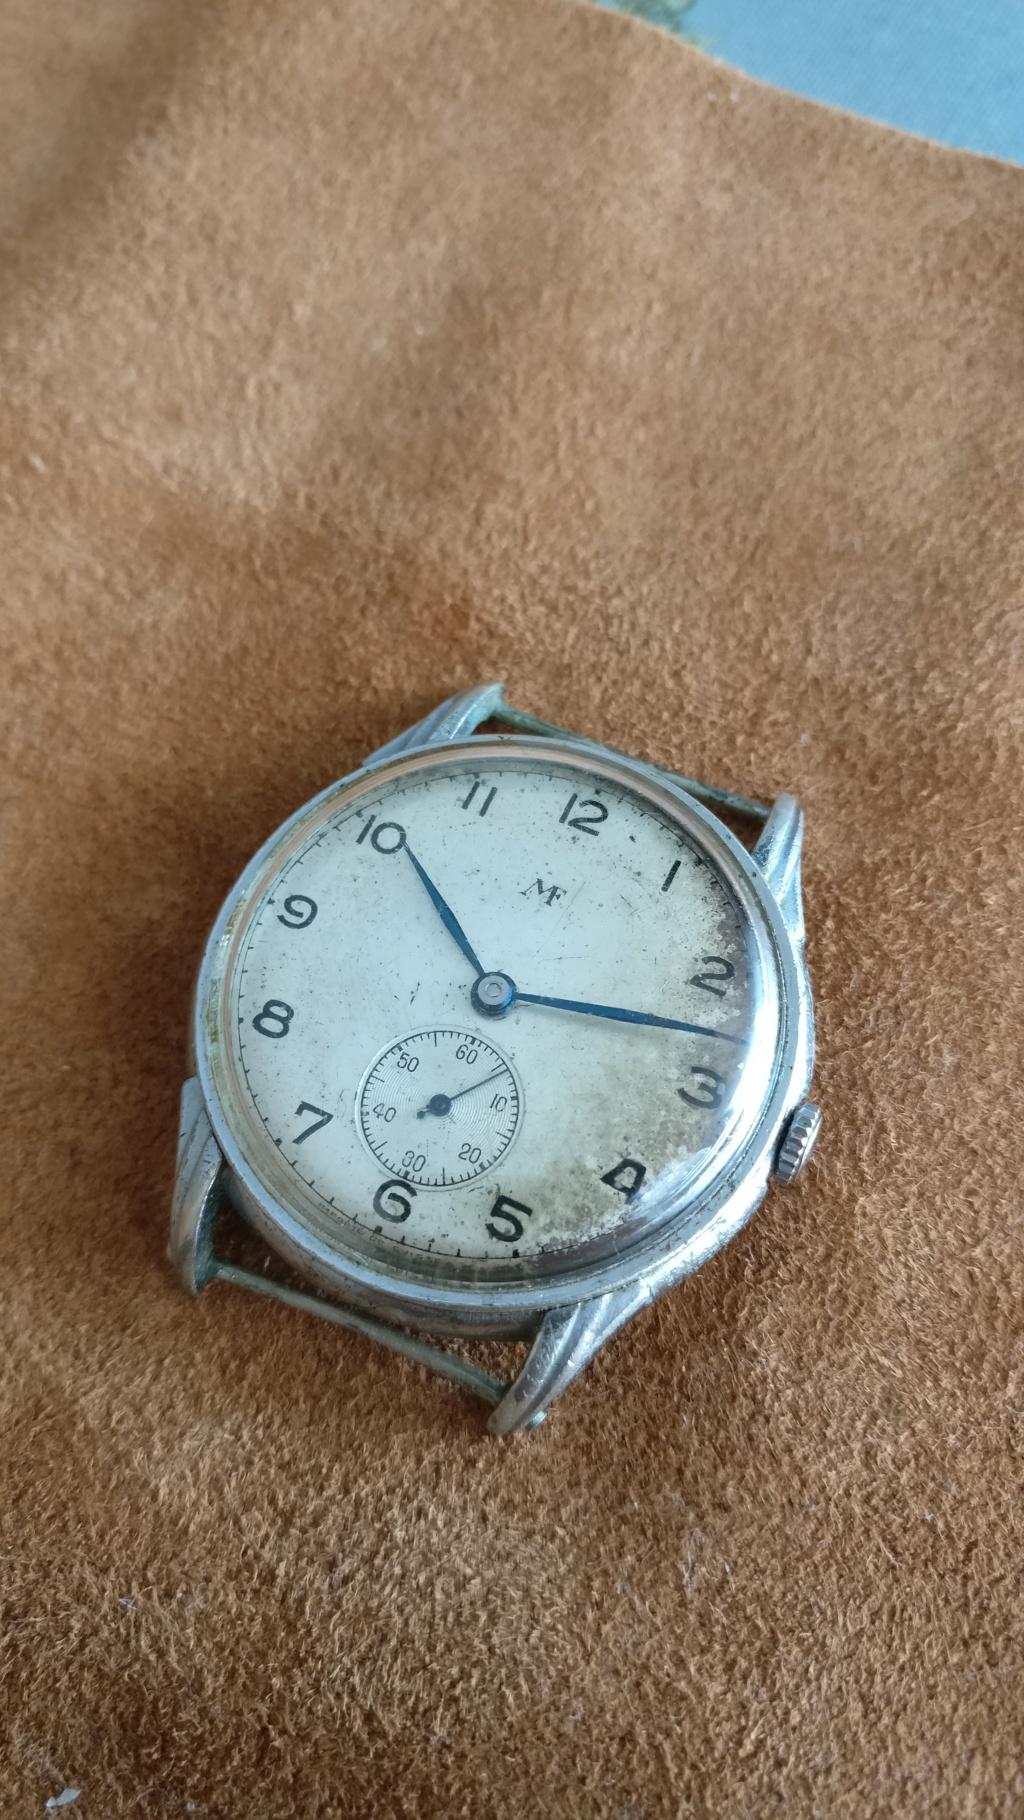 Enicar -  [Postez ICI les demandes d'IDENTIFICATION et RENSEIGNEMENTS de vos montres] - Page 33 Img_2011